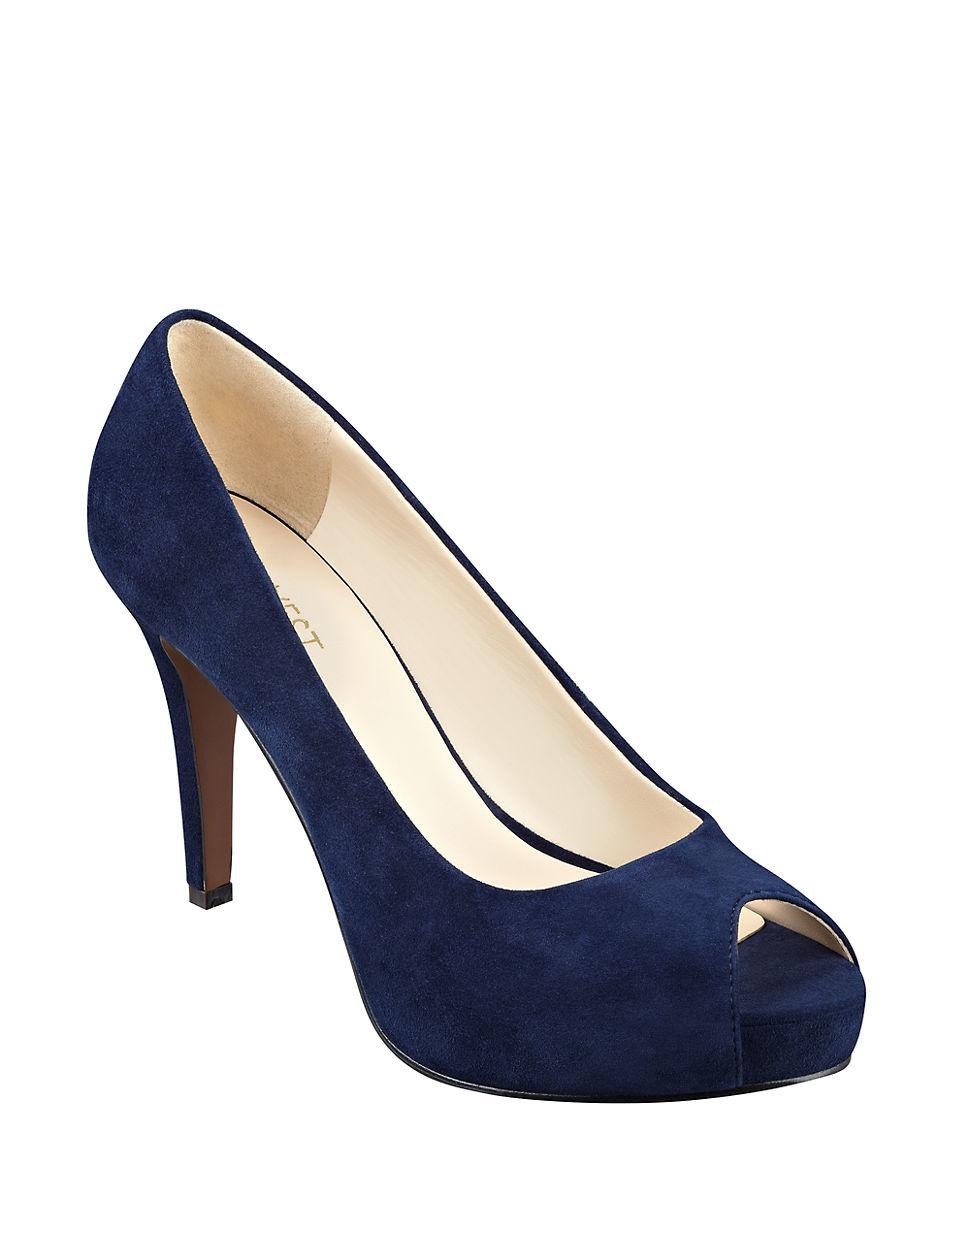 Blue Suede Open Toe Shoes